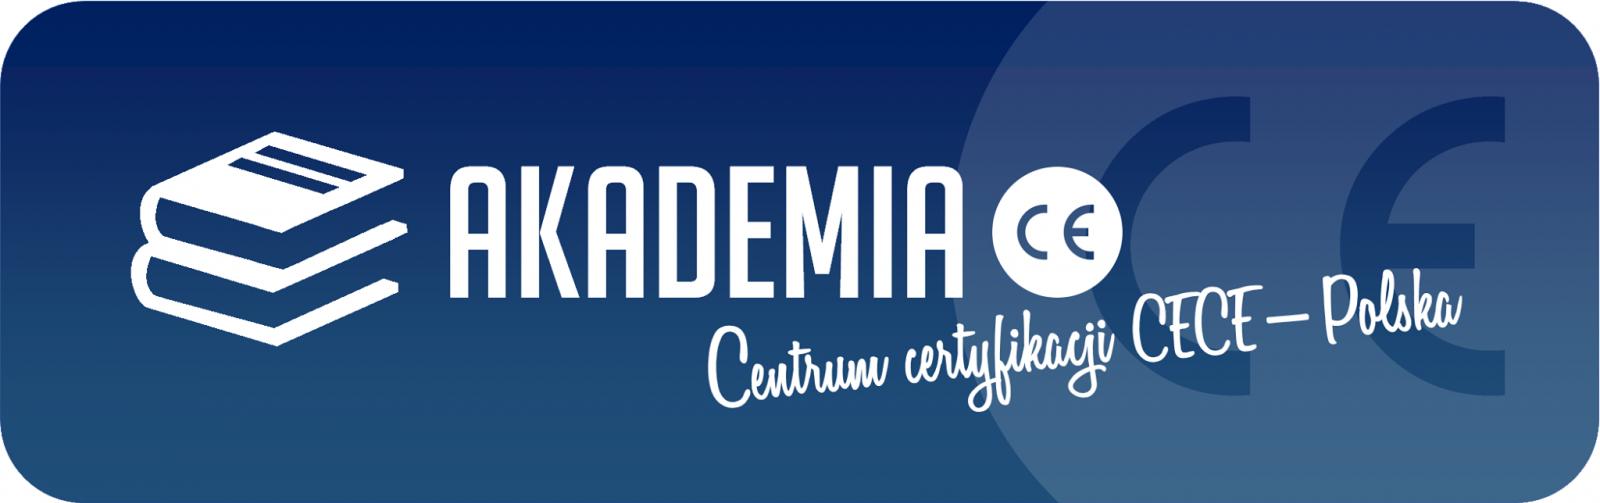 Szkolenia znak E+CE / webinaria znak CE / szkolenia online znak CE